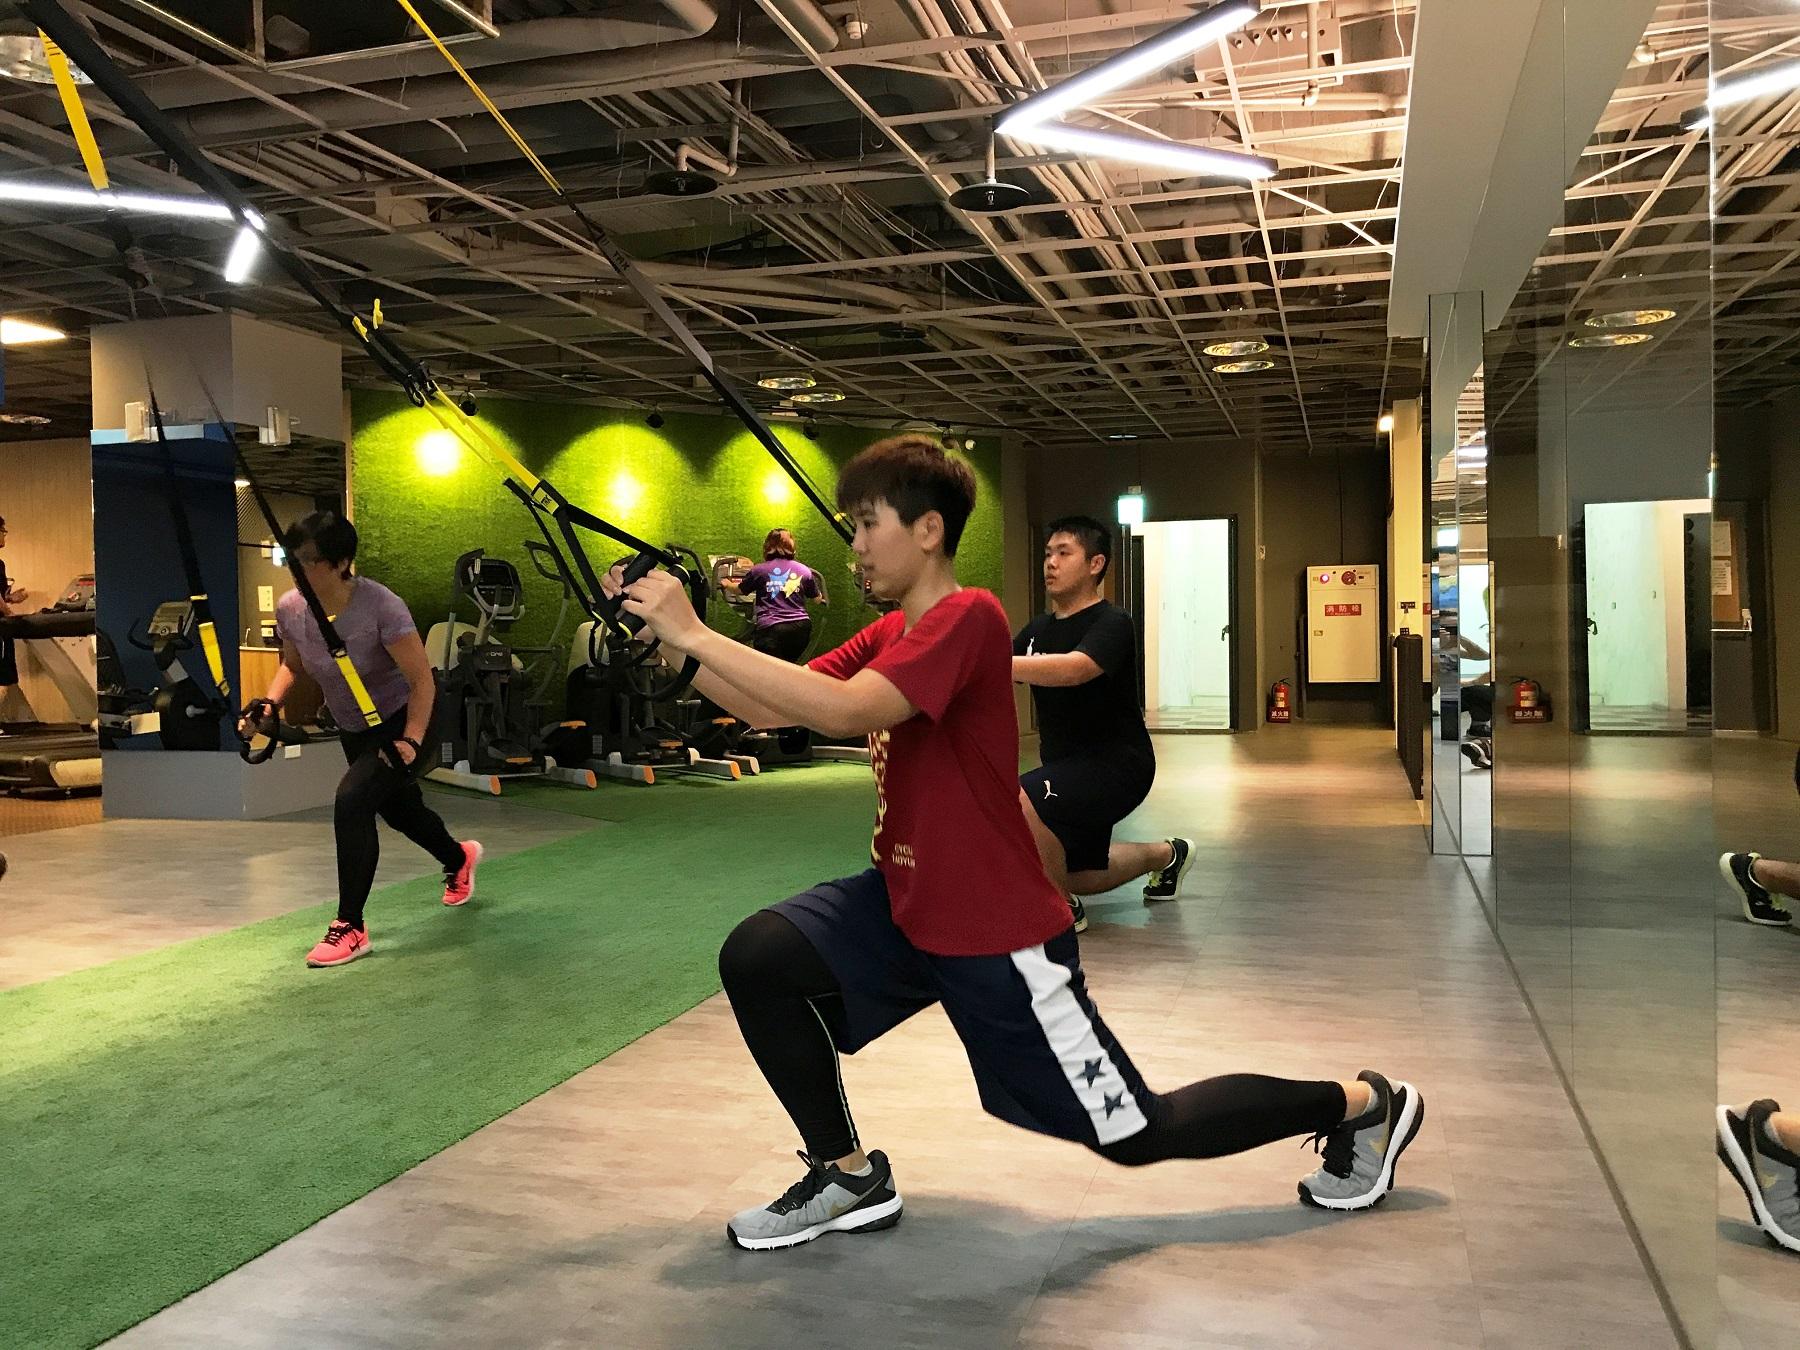 通稿照片6-與校外健身房合作TRX等美式肌力訓練課程,藉此提升運動強度。_.JPG